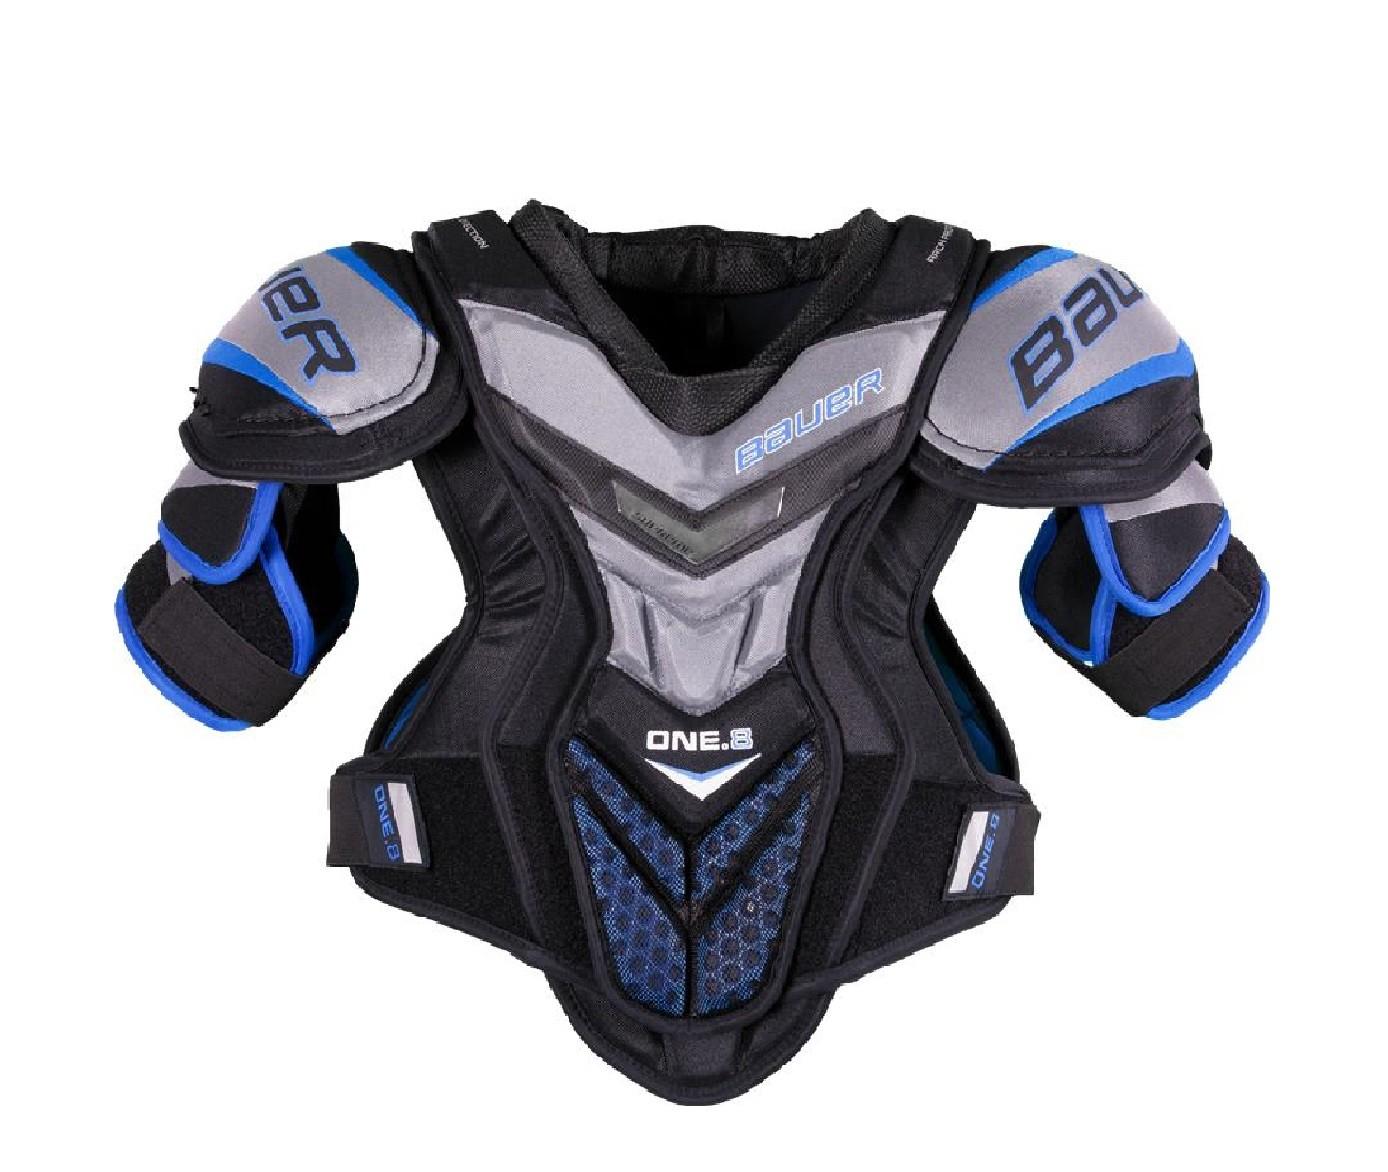 Bauer Supreme One.8 Junior Shoulder Pads